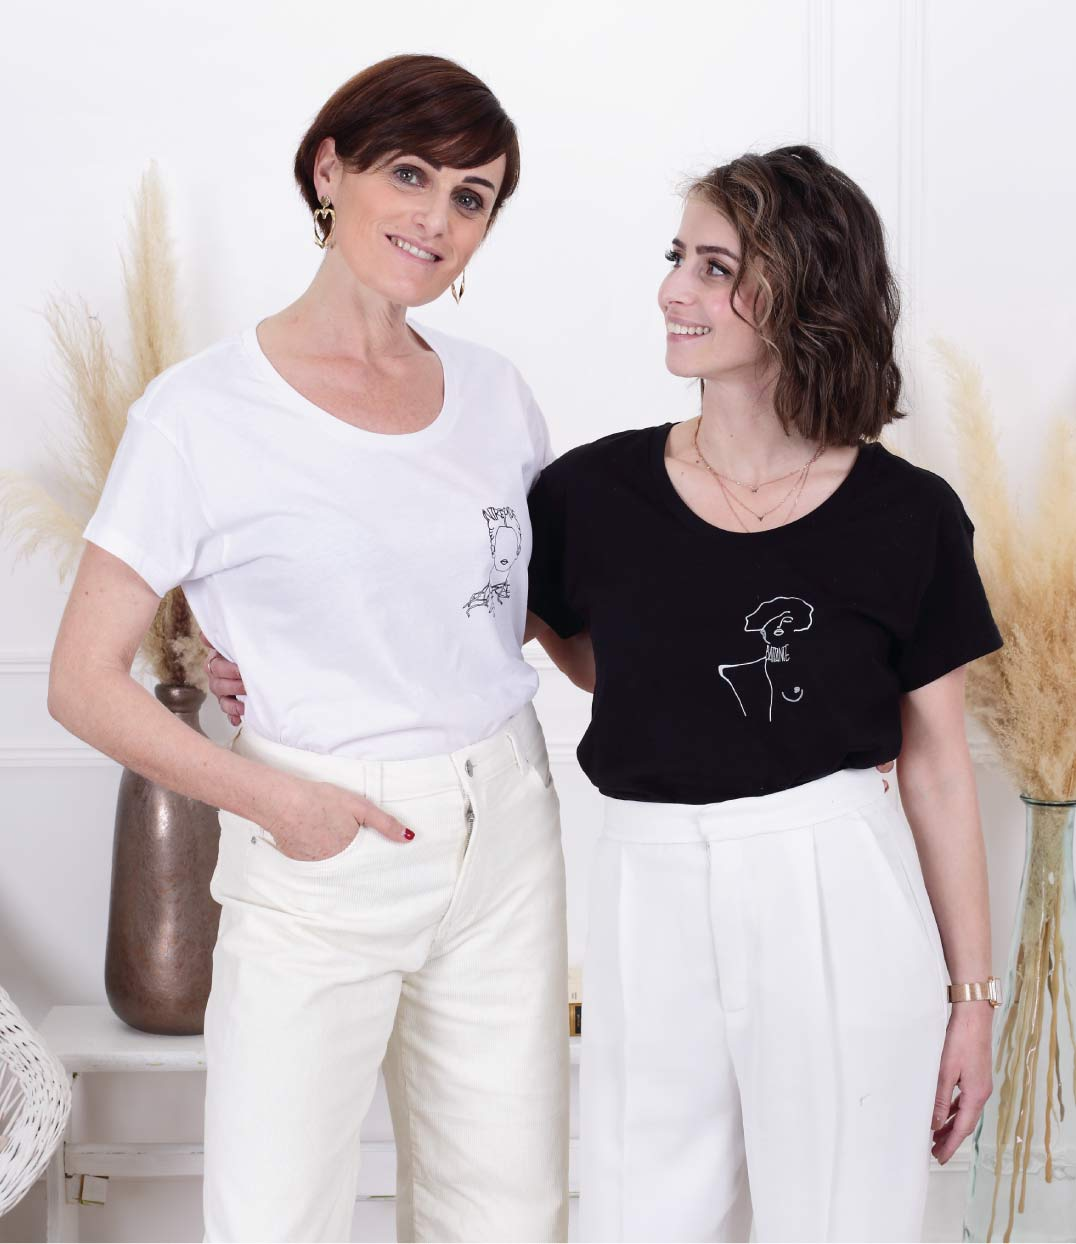 deux femmes portant chacune le tshirt klimt blanc et noir leonor roversi